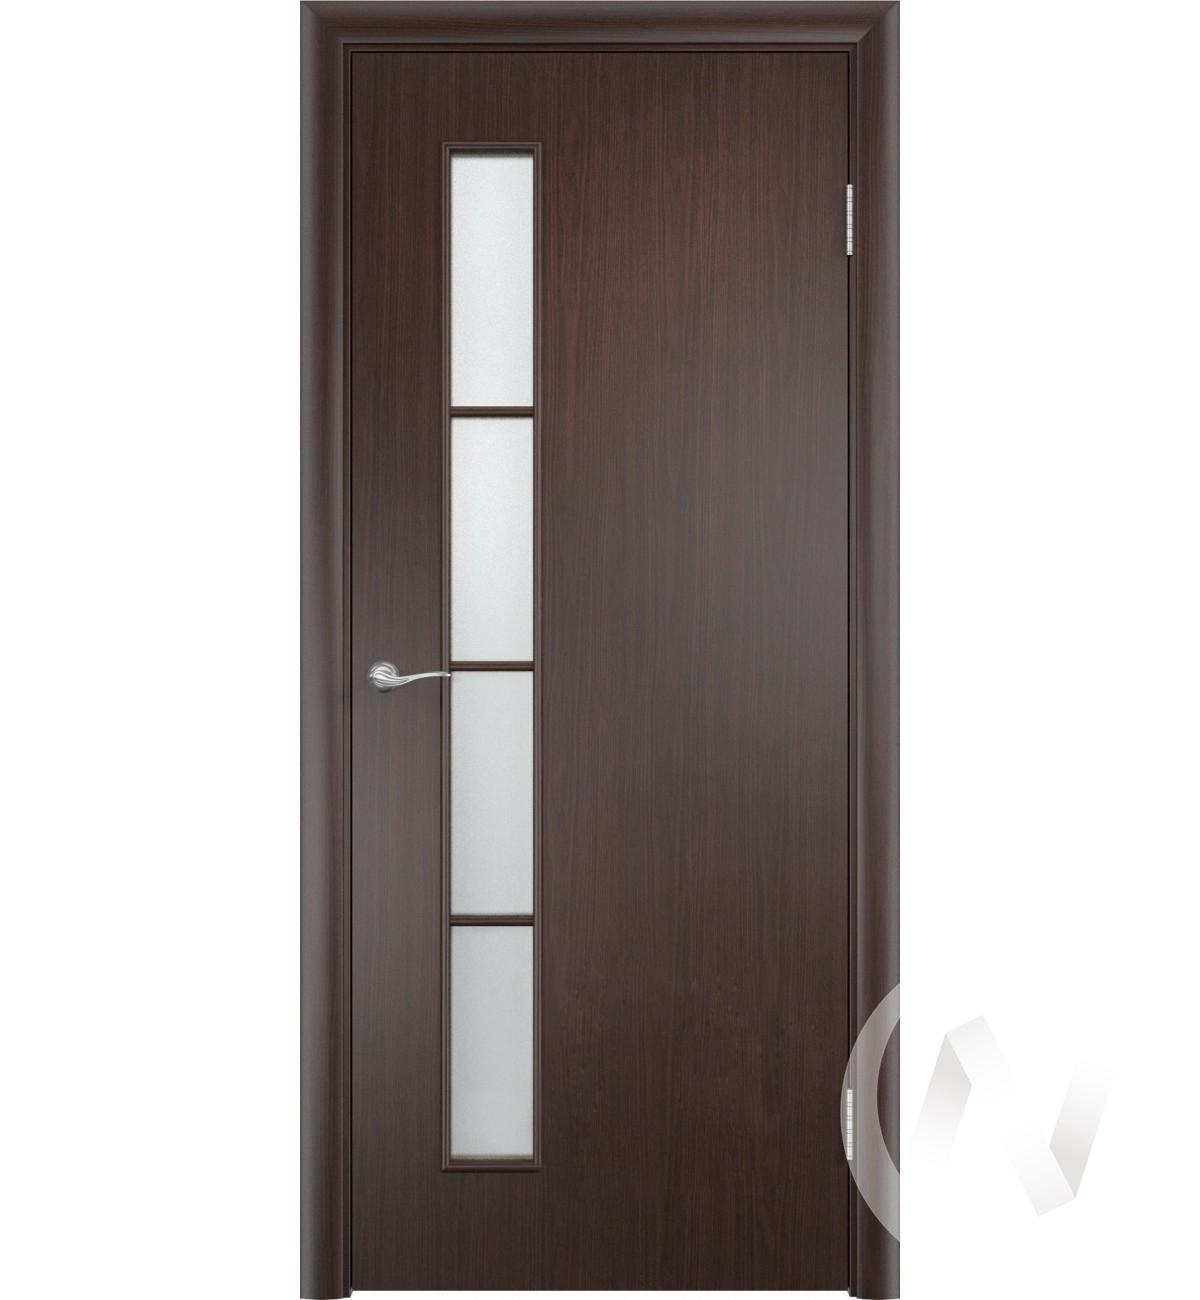 """Дверь ламинированная Тип """"Вертикаль"""", 60, ост,венге, стекло матовое"""